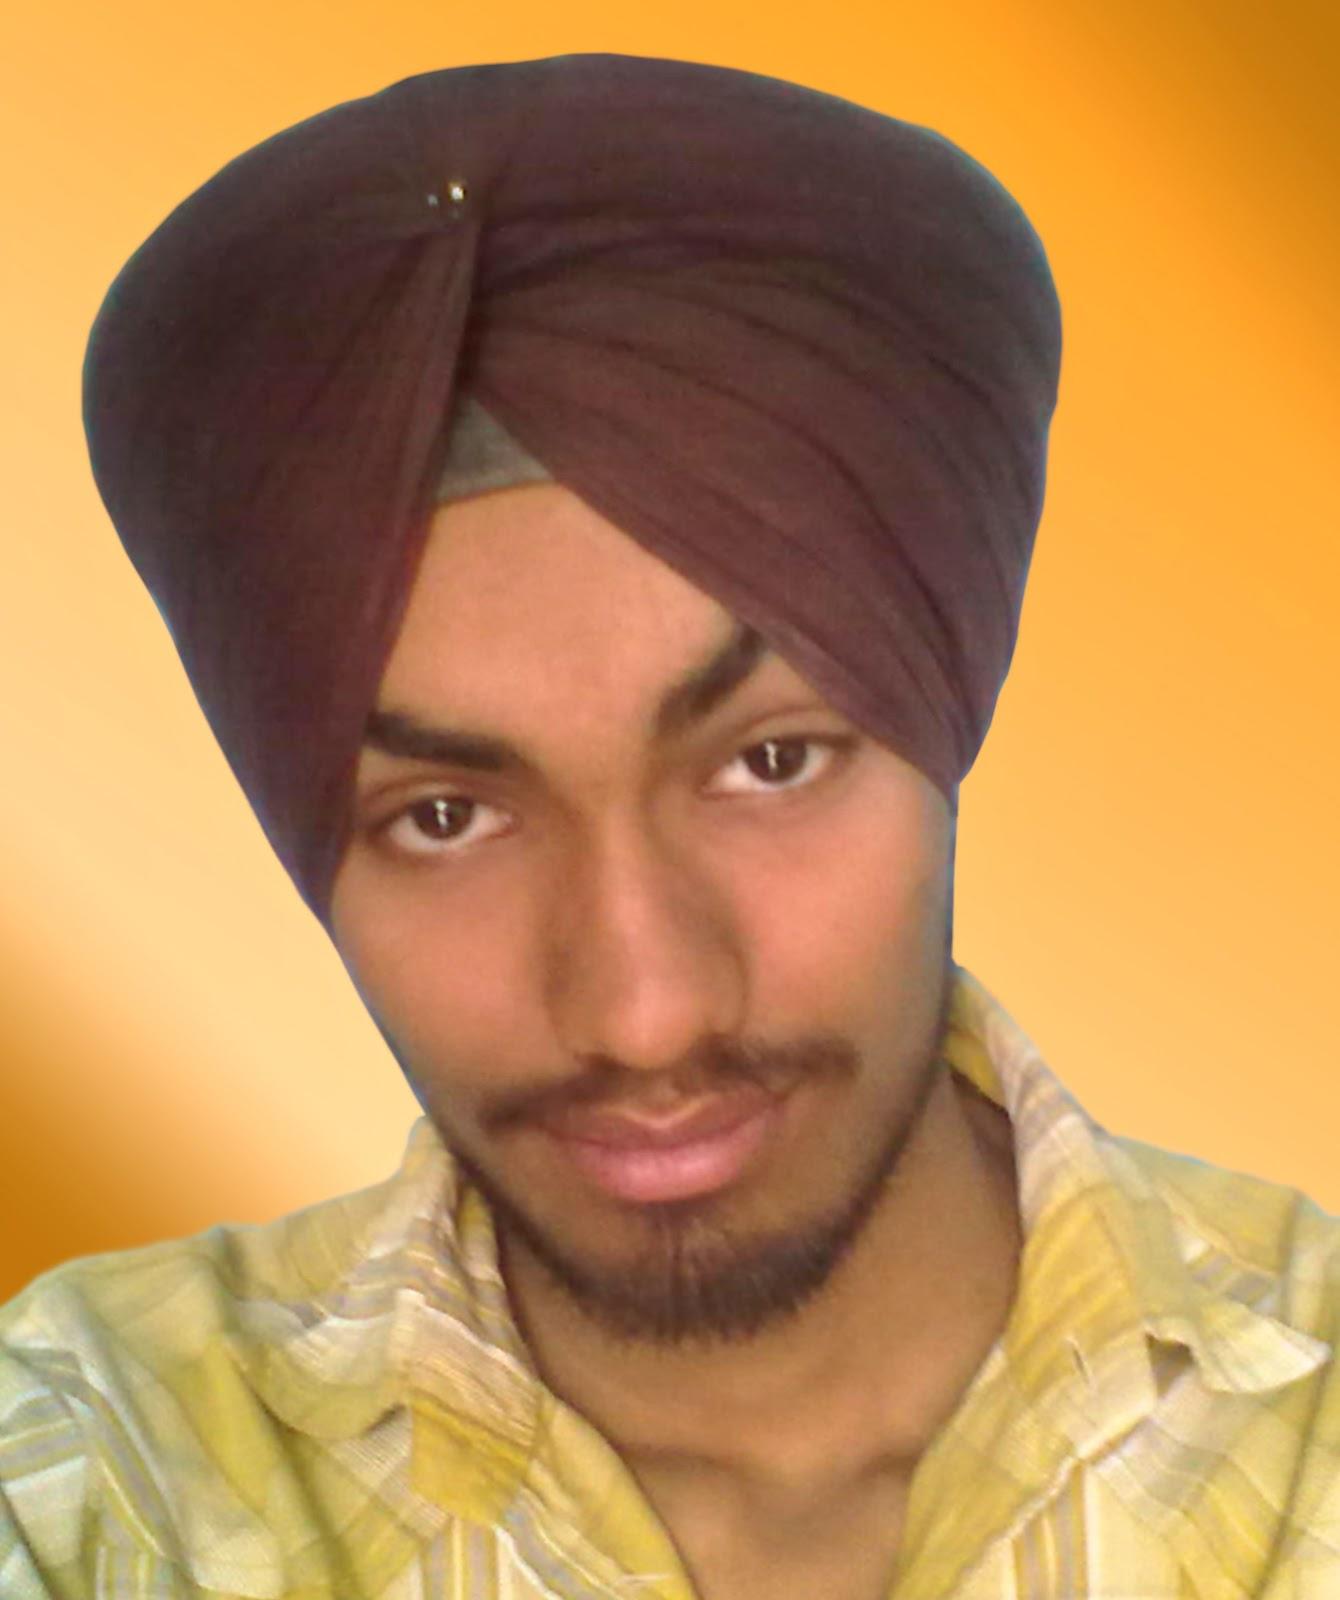 Gully Boy Song Desi Jatt: Bilder, News, Infos Aus Dem Web